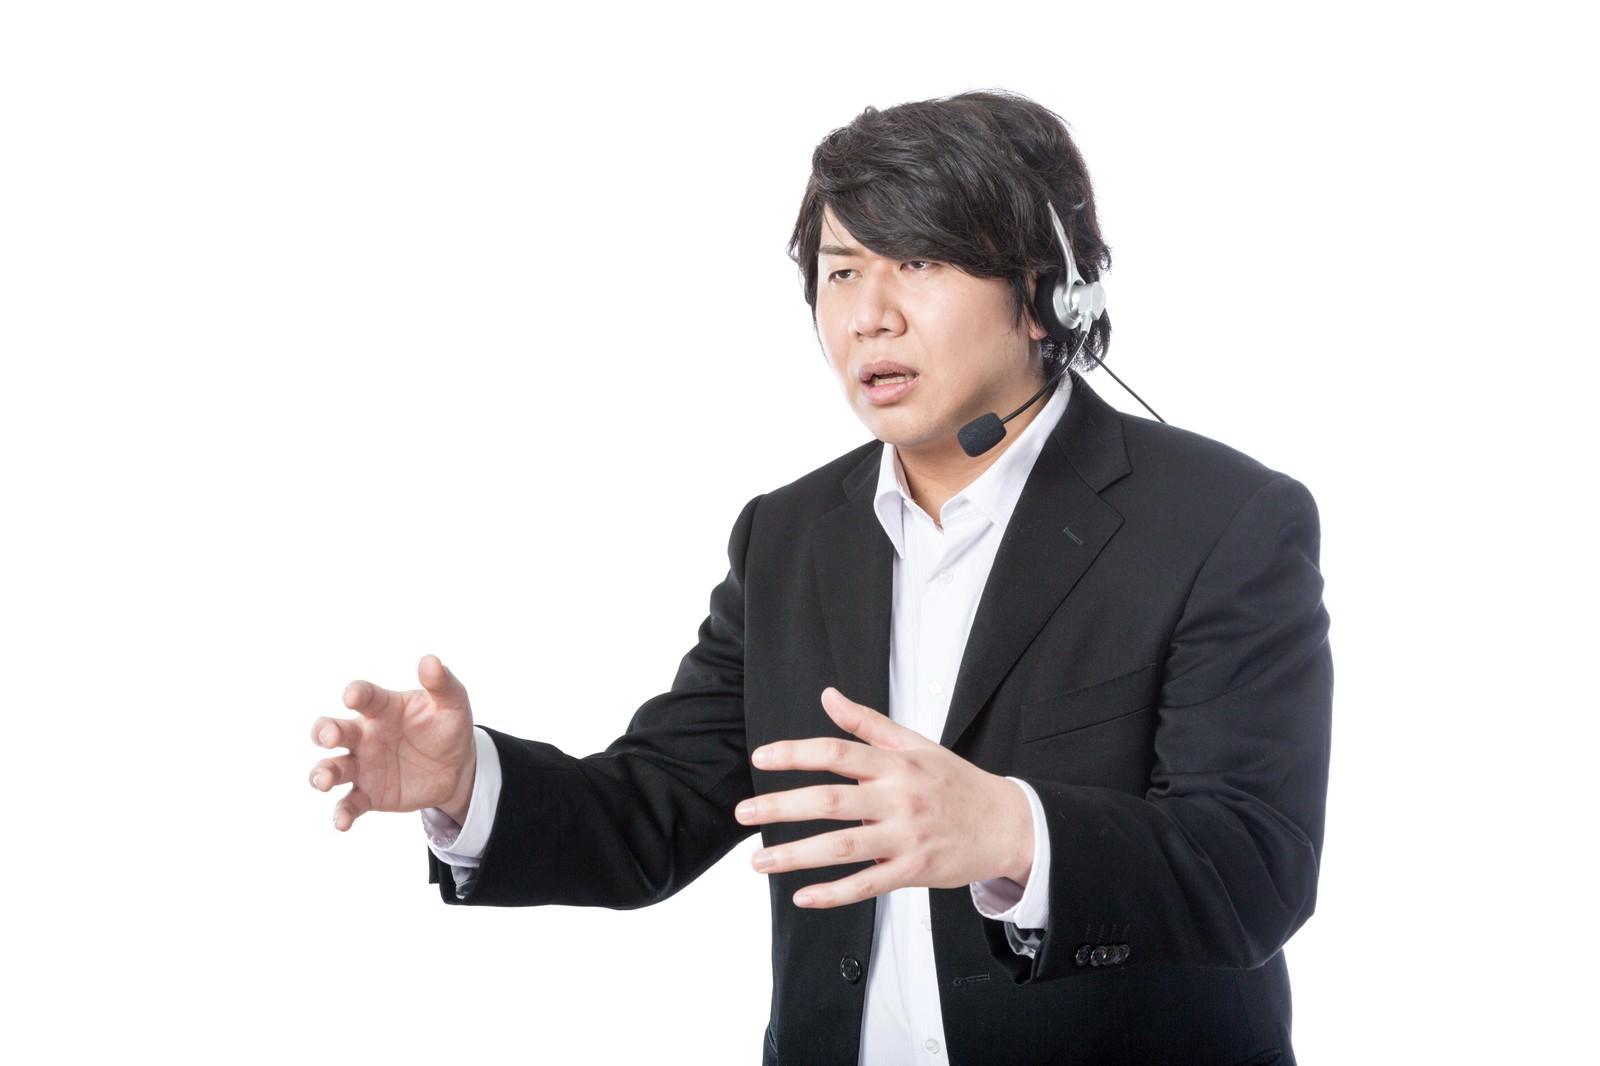 「お客様サポートをしながらろくろを回すエンジニア」の写真[モデル:あまのじゃく]